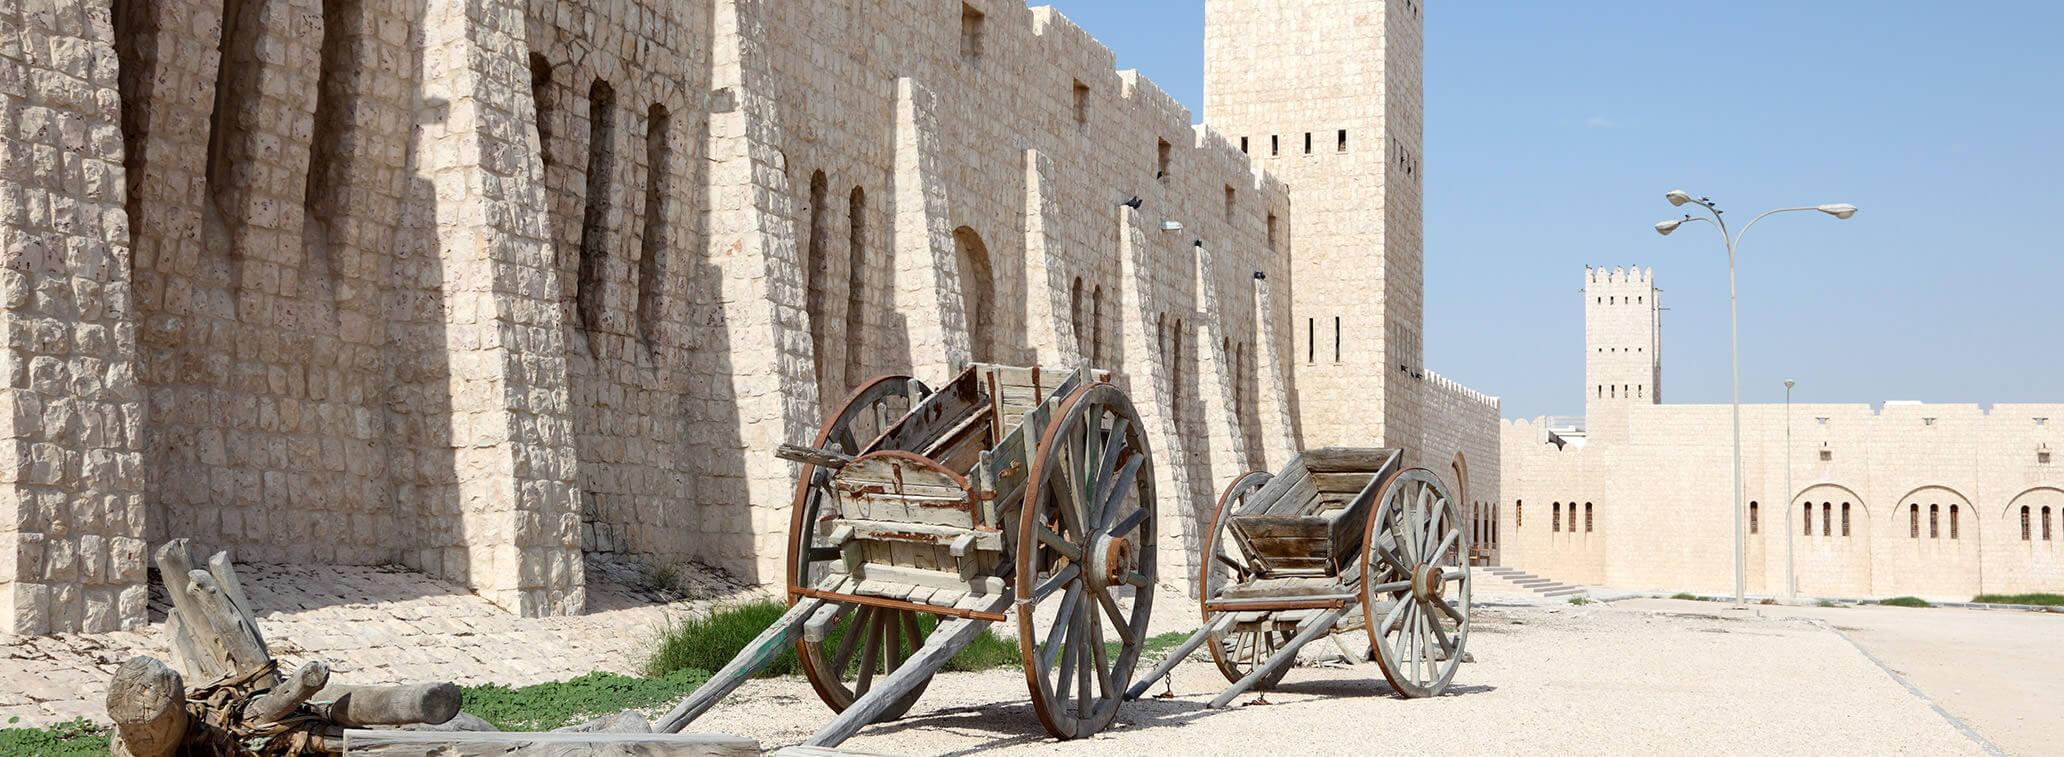 du lịch qatar - bảo tàng Sheikh Faisal Bin Qassim Al Thani - elle man 2